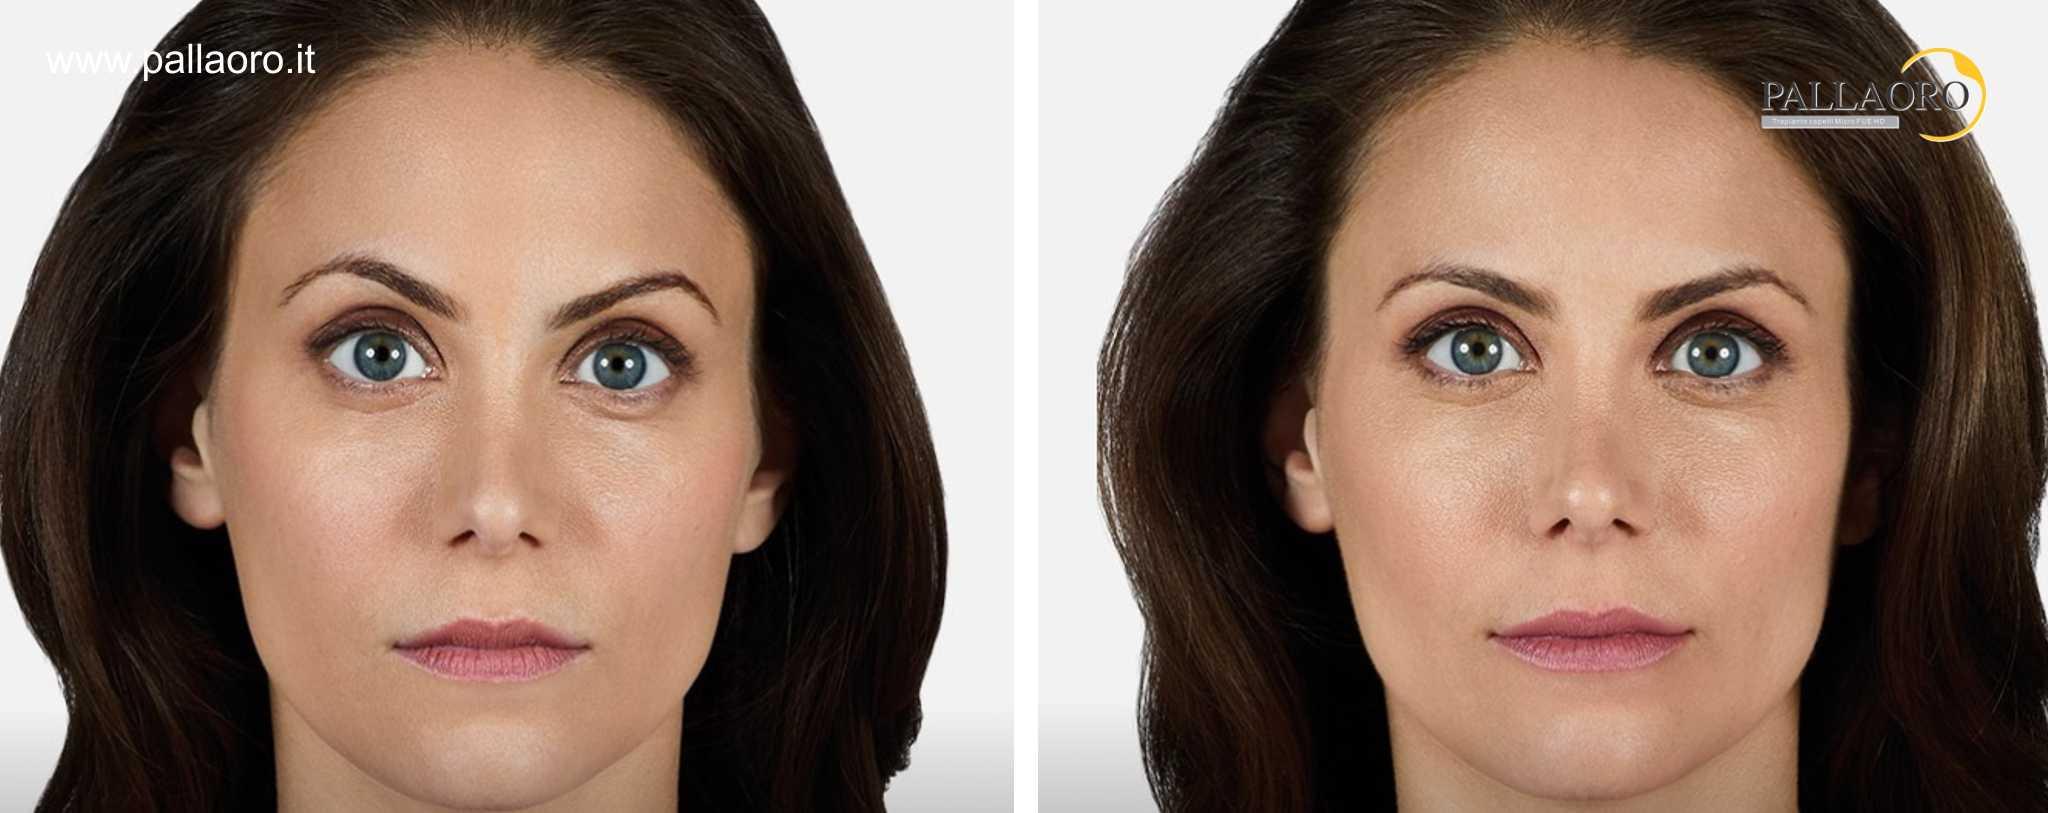 Chirurgia estetica labbra foto prima dopo 5